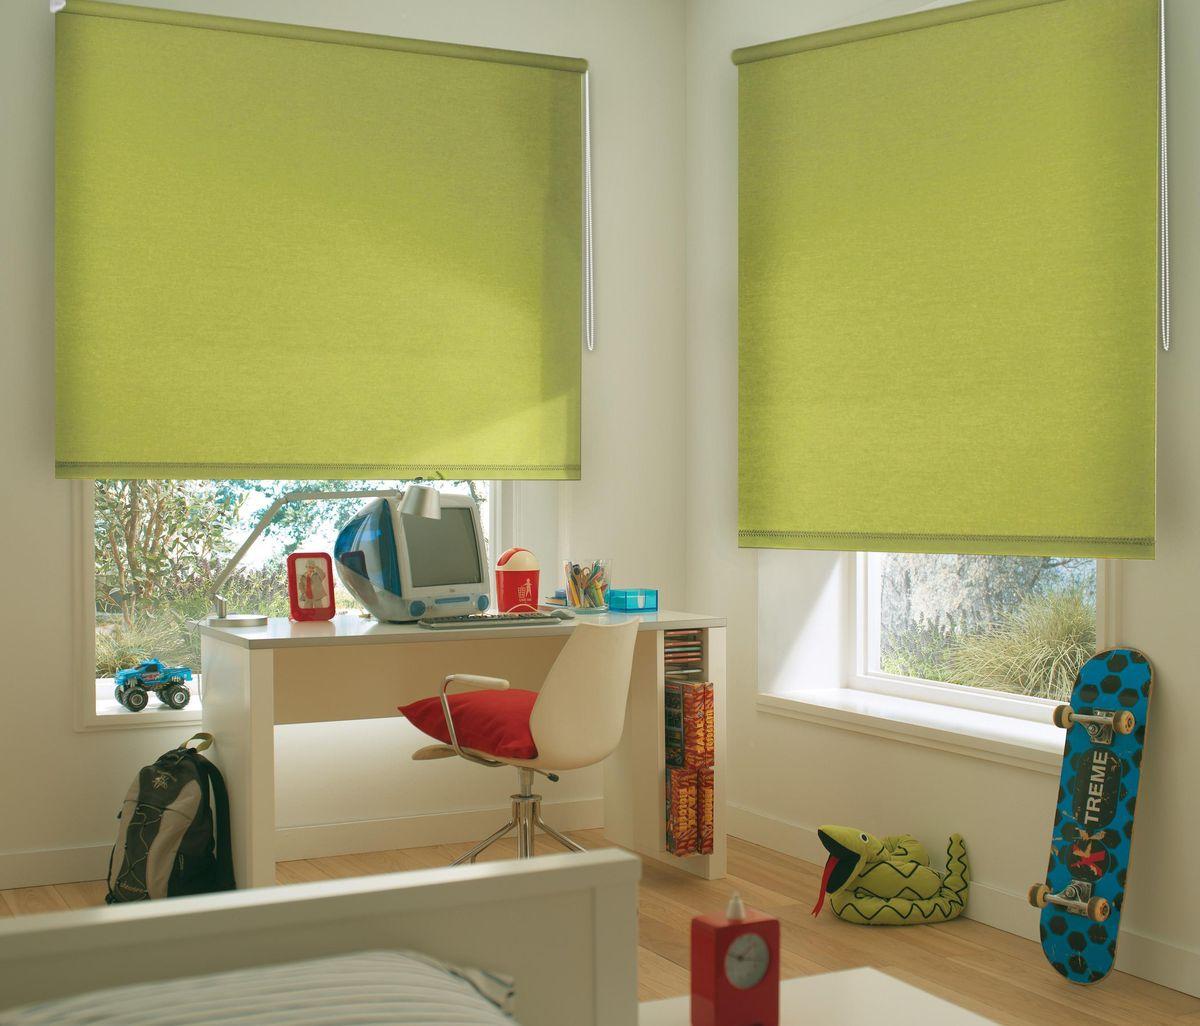 Штора рулонная Эскар, цвет: салатовый, ширина 140 см, высота 170 см81014140170Рулонными шторами можно оформлять окна как самостоятельно, так и использовать в комбинации с портьерами. Это поможет предотвратить выгорание дорогой ткани на солнце и соединит функционал рулонных с красотой навесных. Преимущества применения рулонных штор для пластиковых окон: - имеют прекрасный внешний вид: многообразие и фактурность материала изделия отлично смотрятся в любом интерьере; - многофункциональны: есть возможность подобрать шторы способные эффективно защитить комнату от солнца, при этом о на не будет слишком темной. - Есть возможность осуществить быстрый монтаж. ВНИМАНИЕ! Размеры ширины изделия указаны по ширине ткани! Во время эксплуатации не рекомендуется полностью разматывать рулон, чтобы не оторвать ткань от намоточного вала. В случае загрязнения поверхности ткани, чистку шторы проводят одним из способов, в зависимости от типа загрязнения: легкое поверхностное загрязнение можно удалить при помощи...